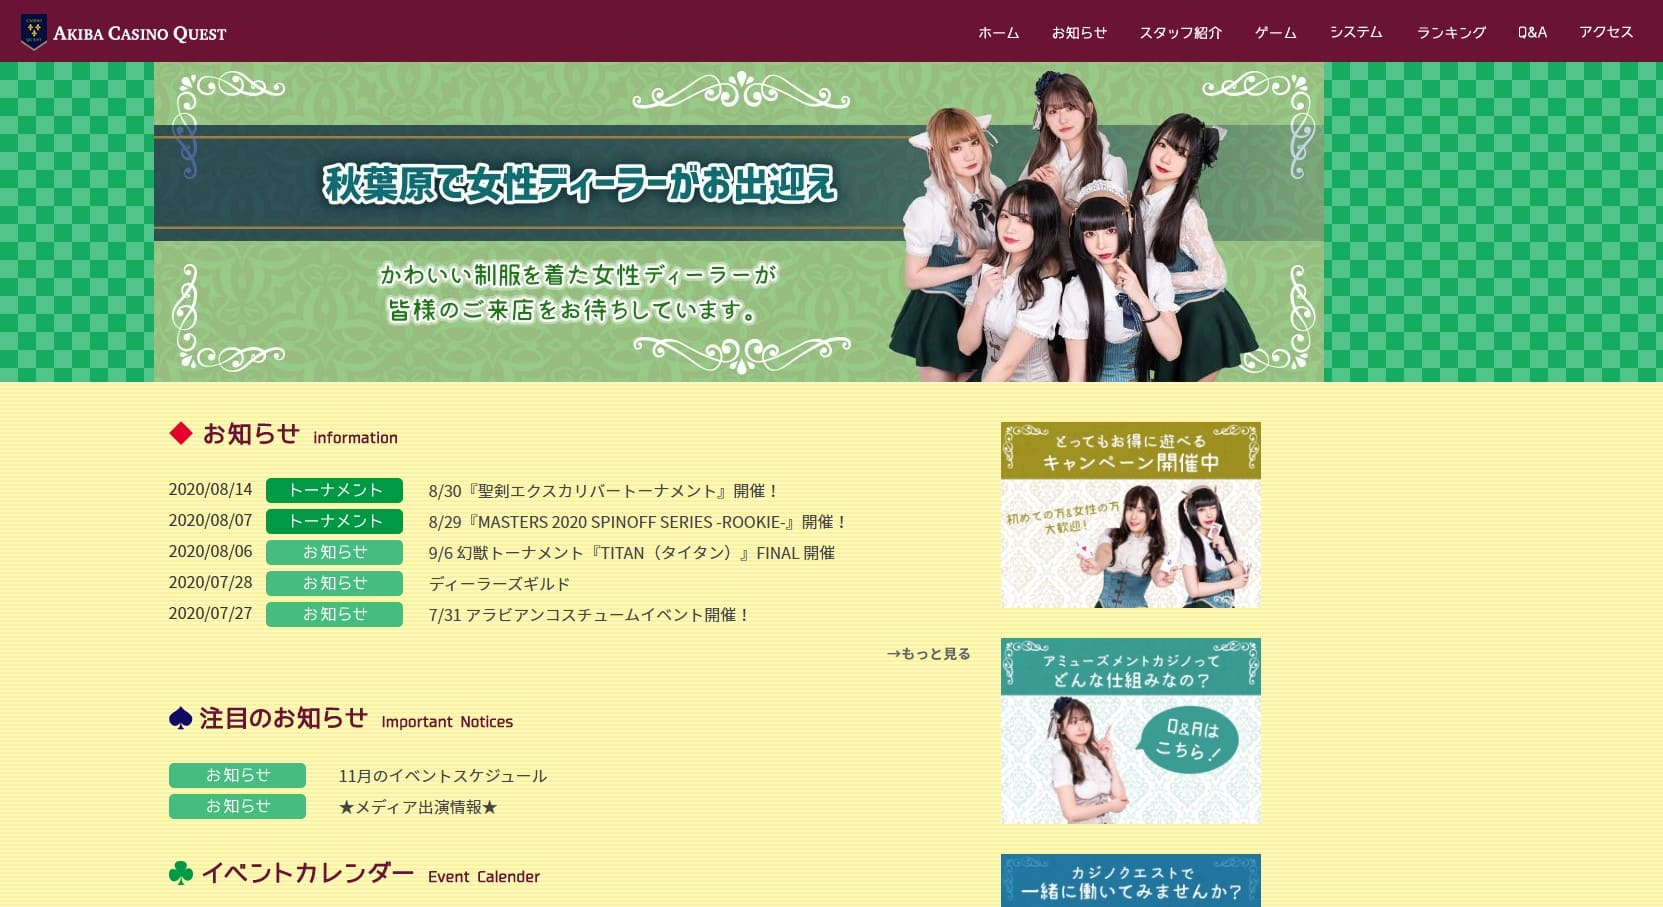 秋葉原カジノクエストウェブサイト画像。